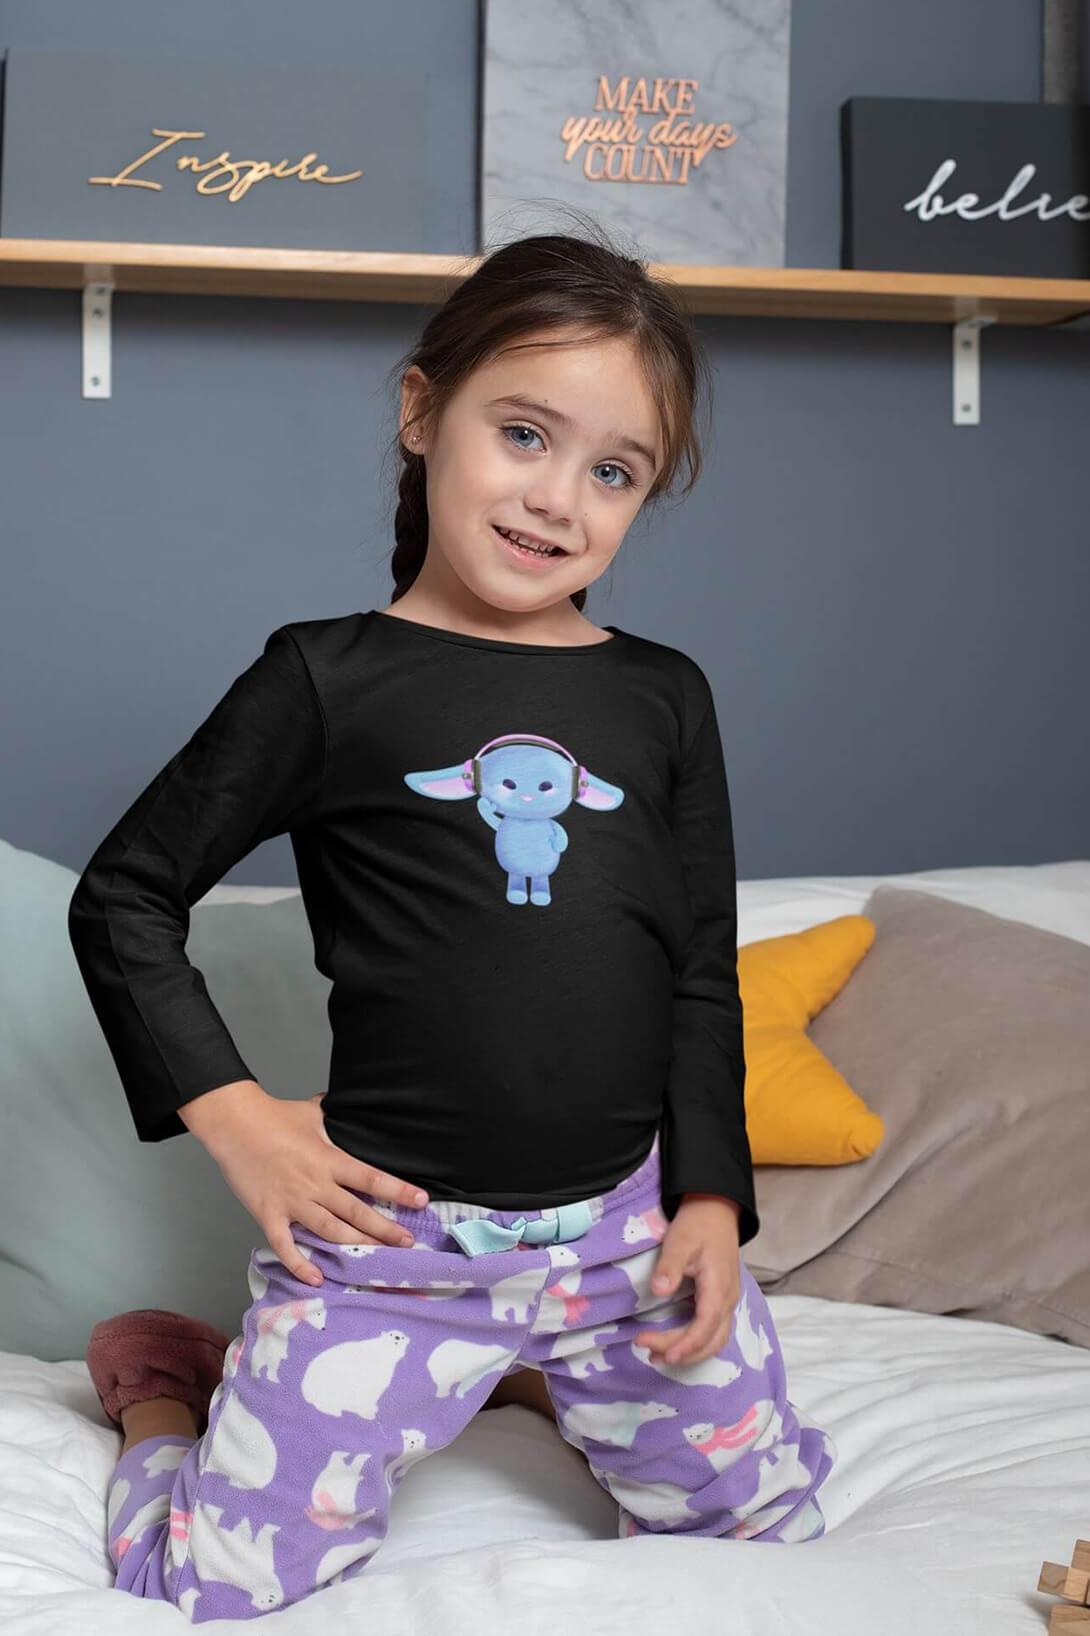 MMO Detské tričko s dlhým rukávom Zajac so slúchadlami Vyberte farbu: Čierna, Detská veľkosť: 110/4 roky